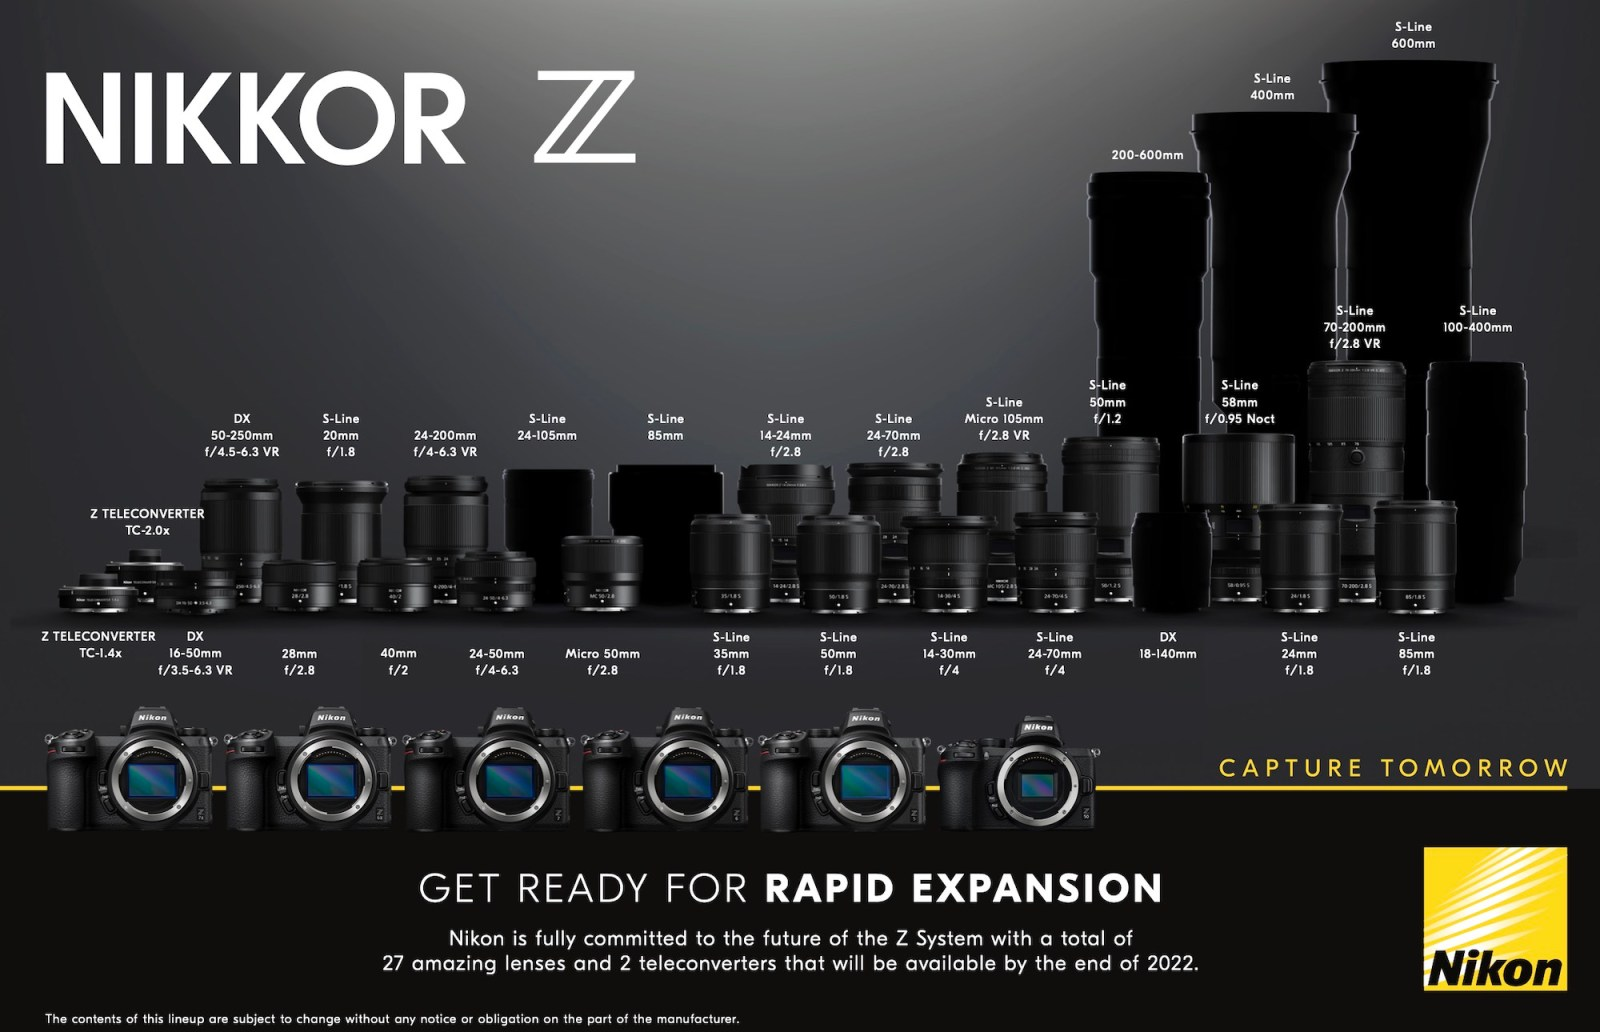 L'ultima roadmap degli obiettivi mirrorless Nikkor Z di Nikon: 20 obiettivi annunciati, altri 7 in arrivo